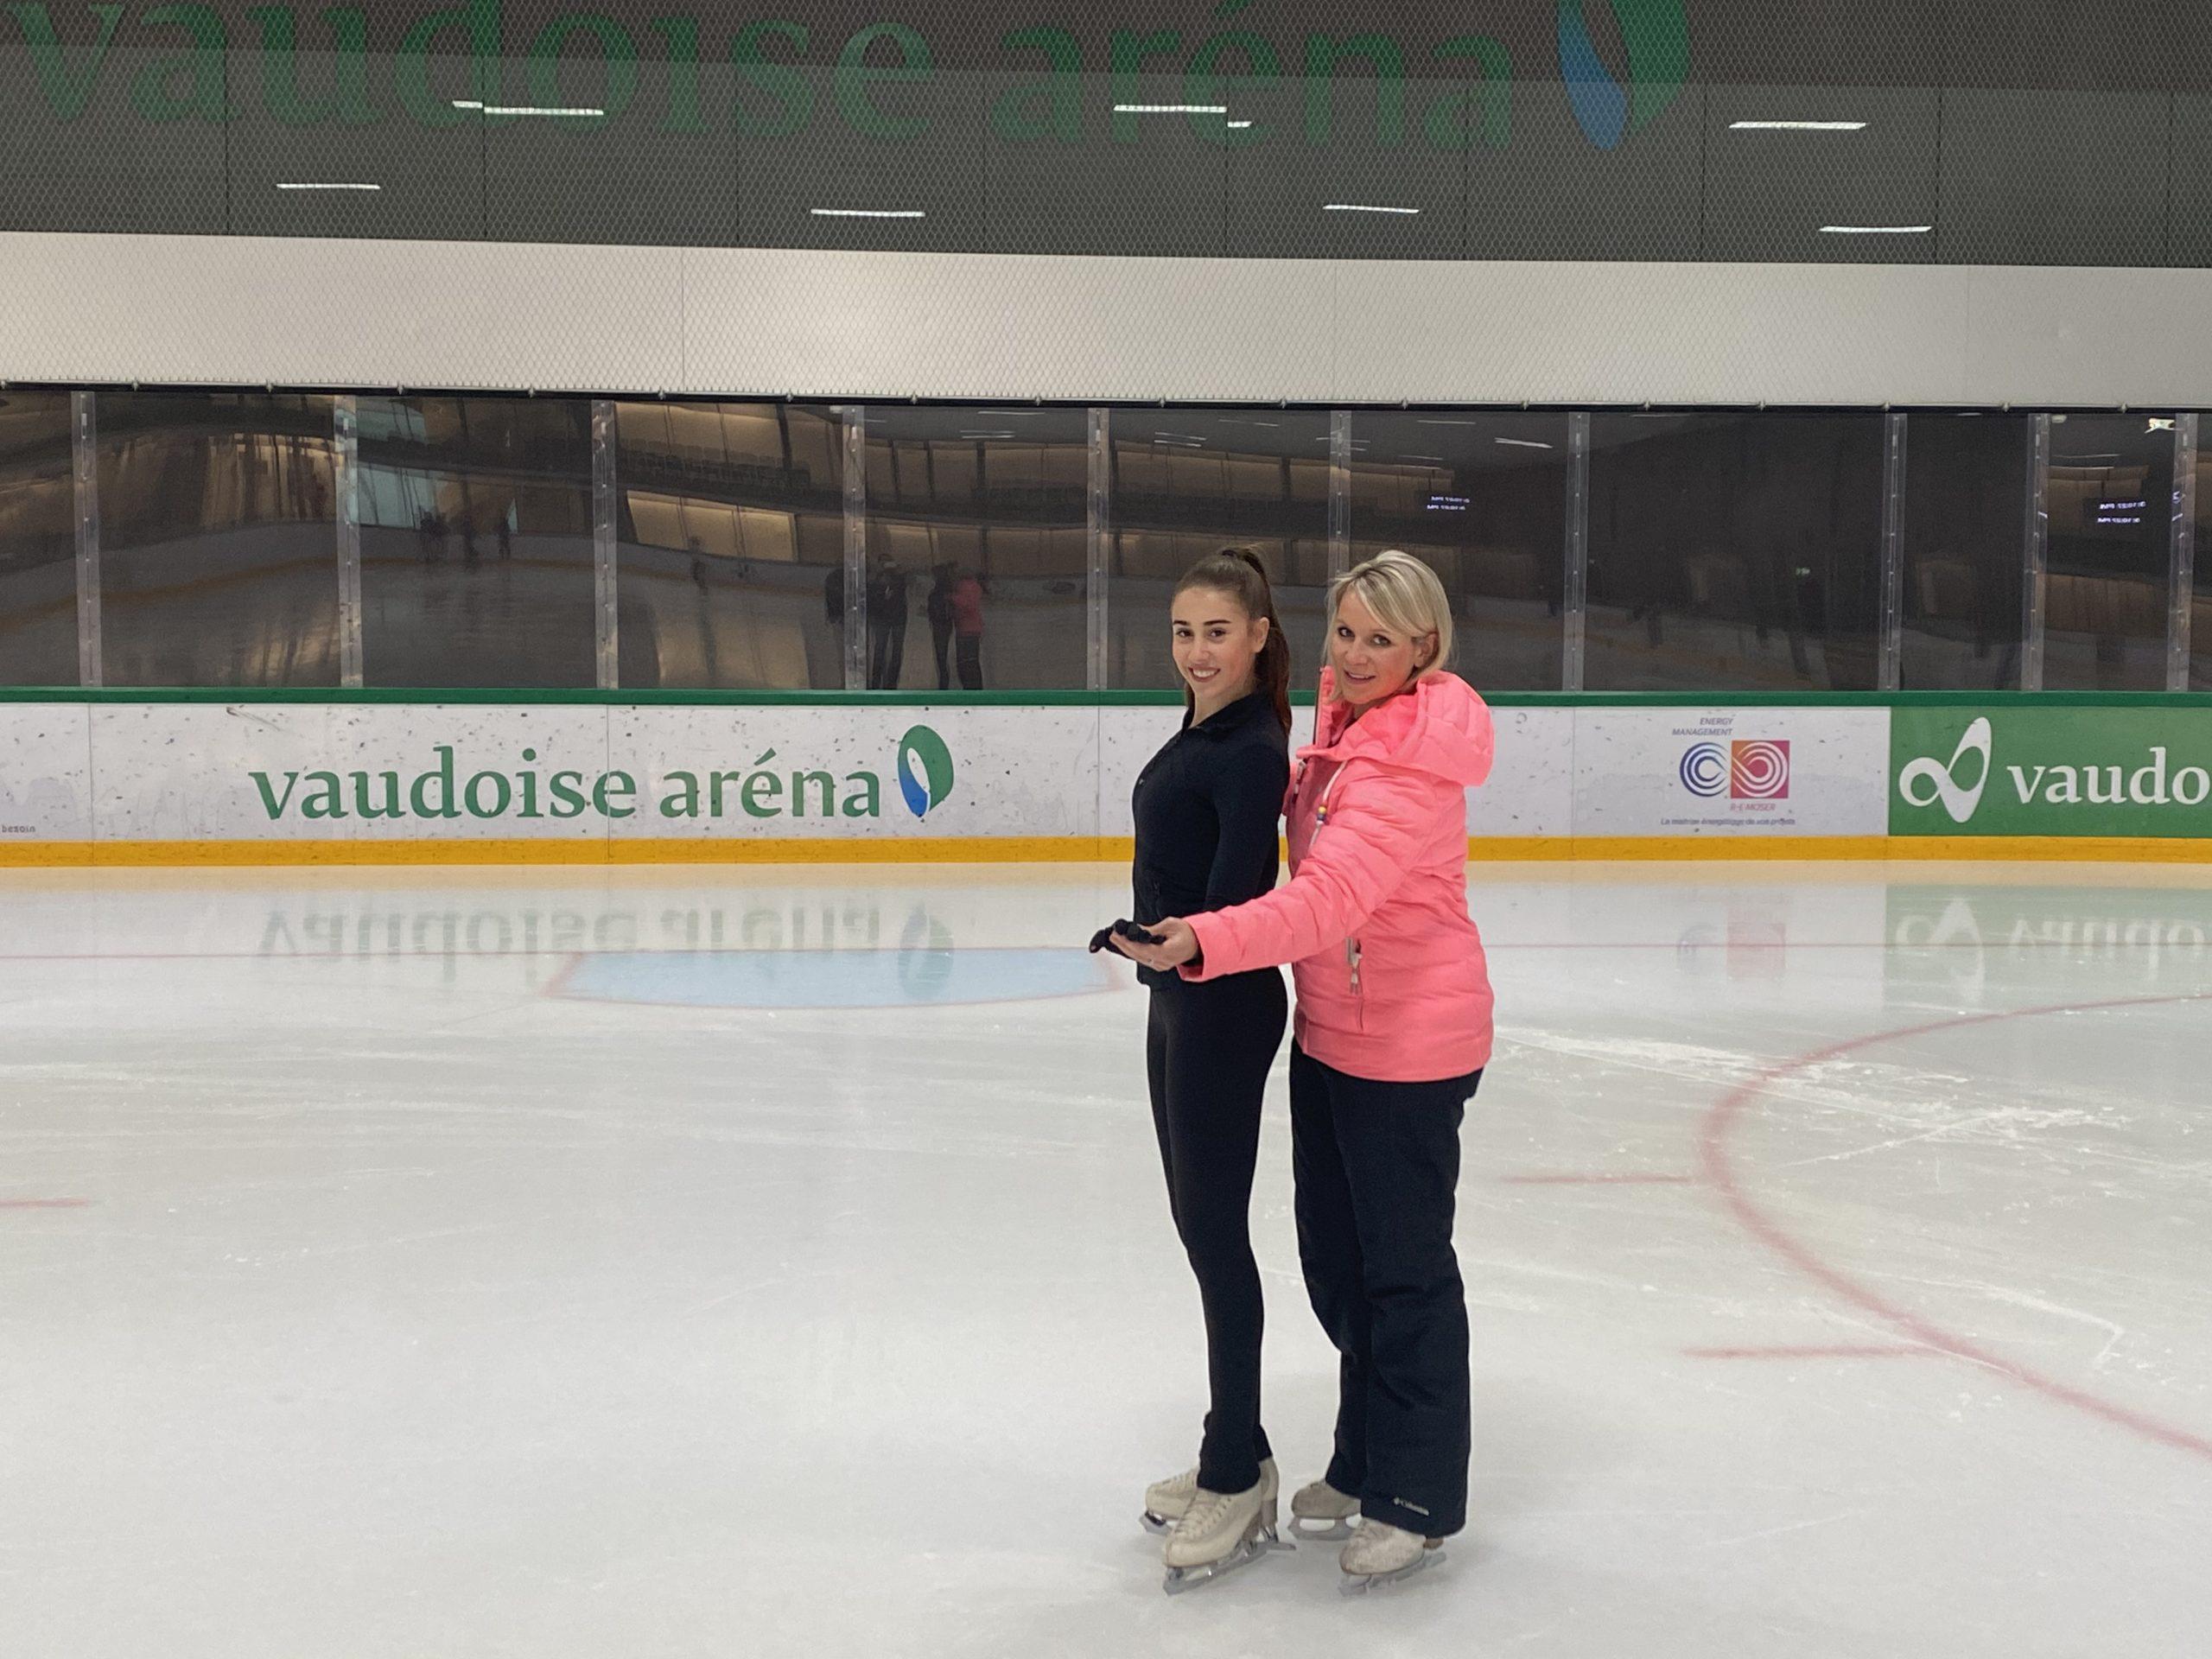 Helena Fuerbringer, professeure de patinage et Maelle Ledermann, patineuse, sur la patinoire de la Vaudoise aréna